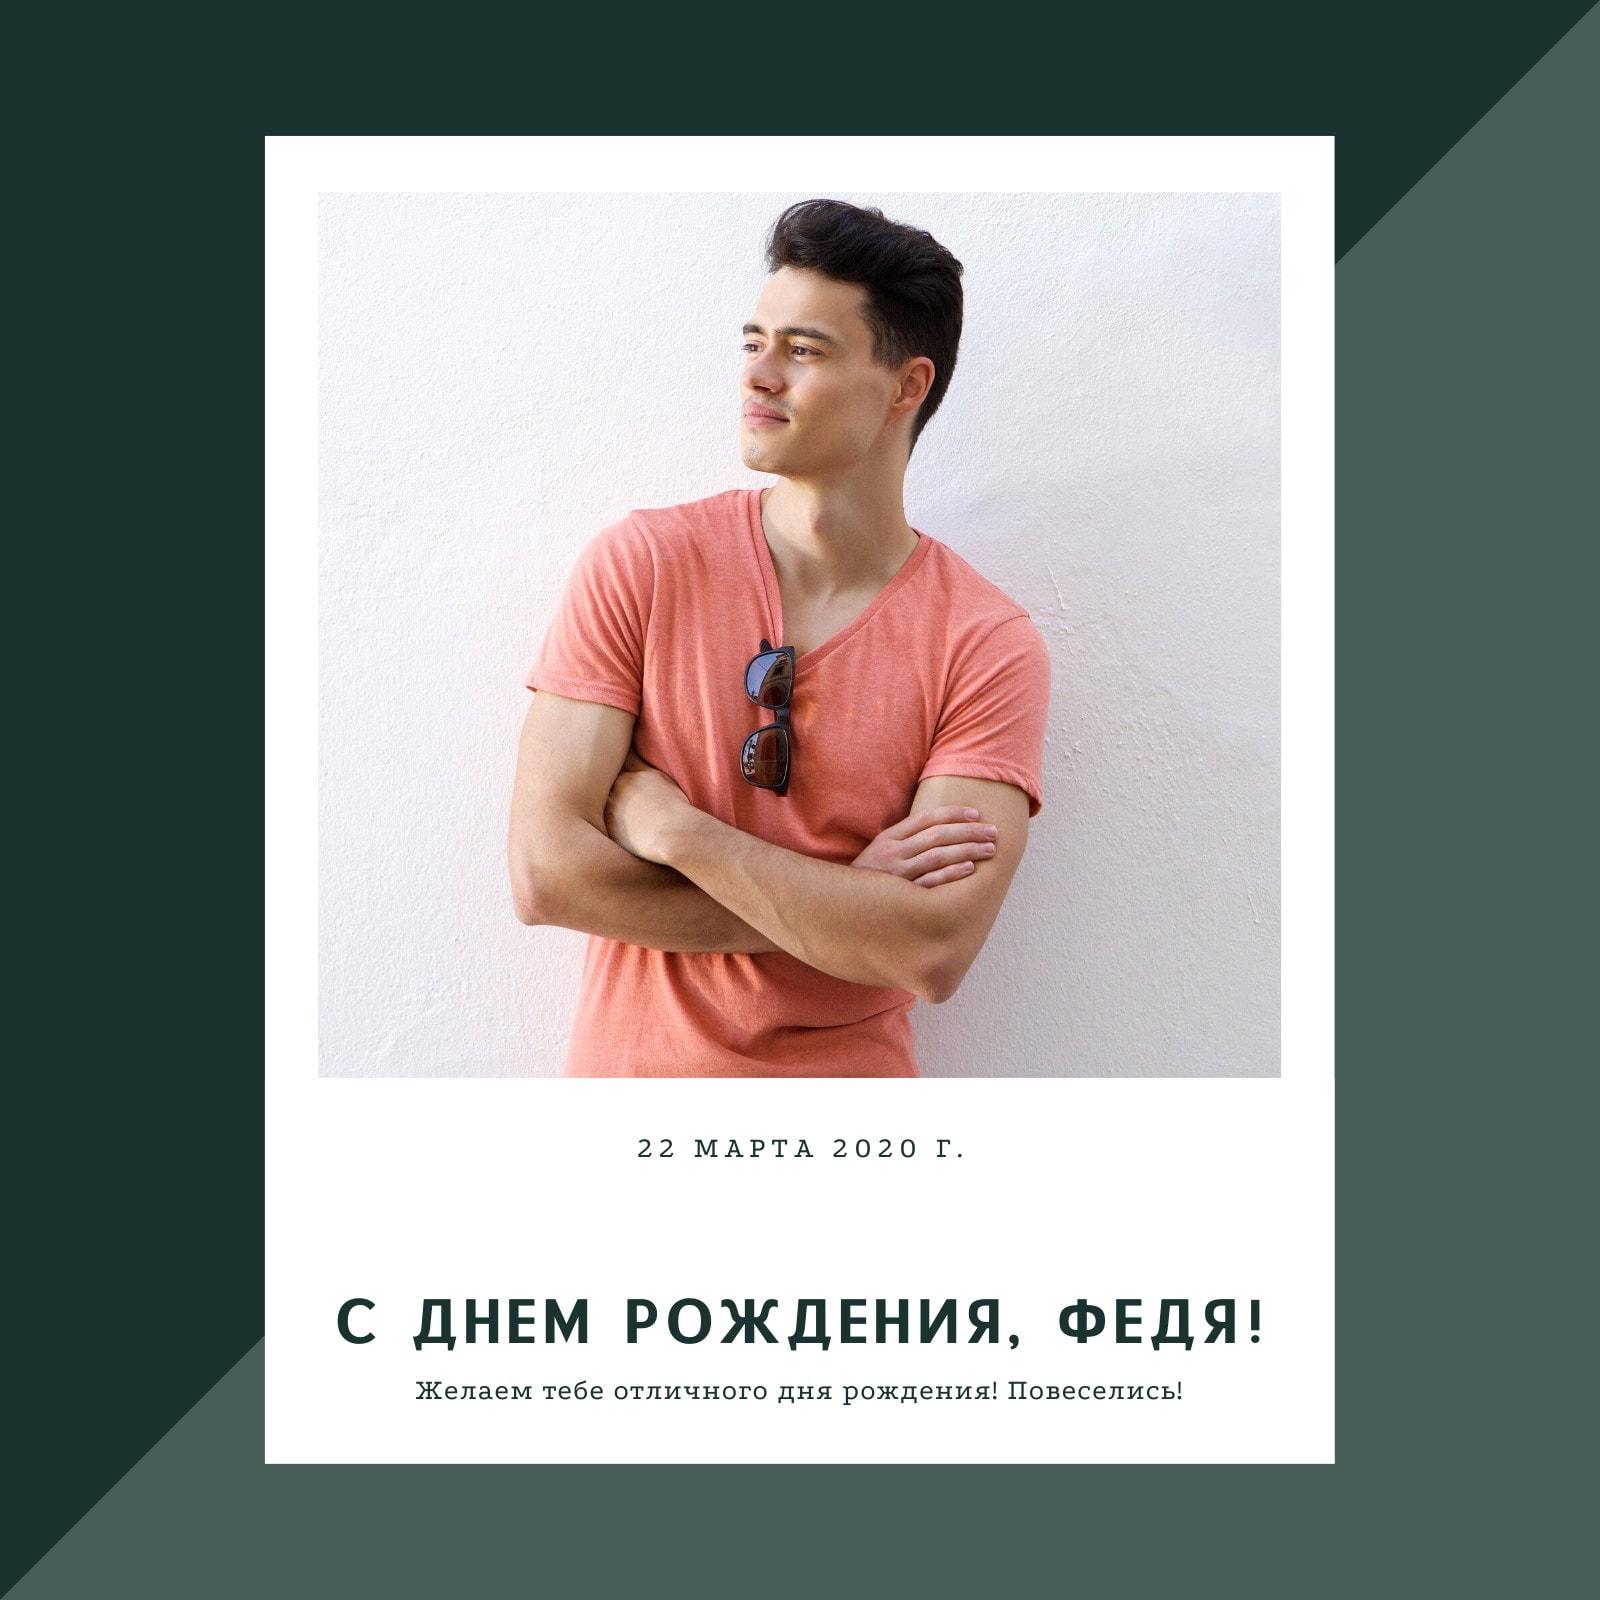 Серый Белый Полароид Мужественный Современный Мужчина День рождения Instagram